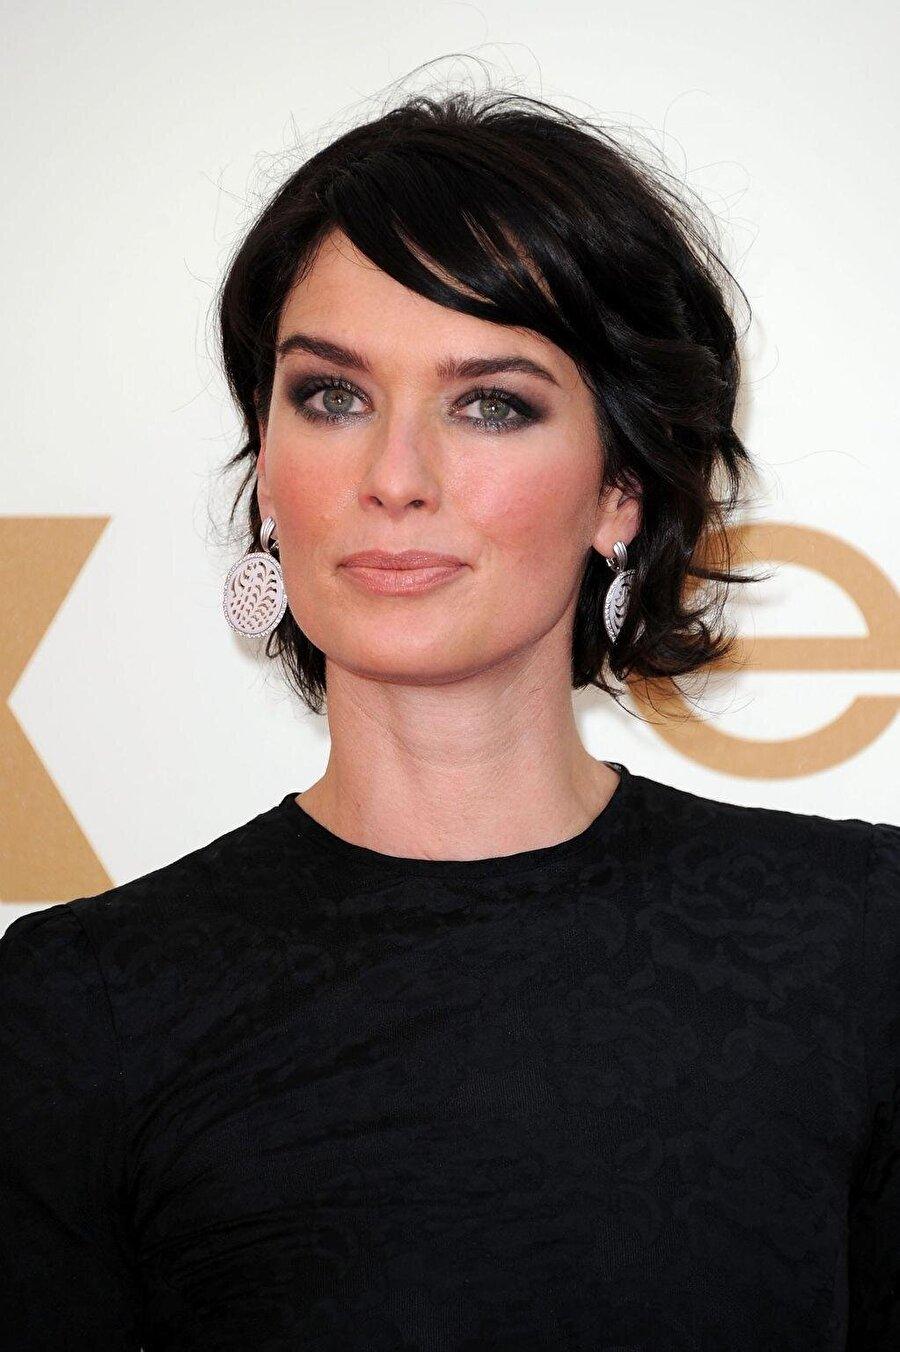 Lena Headey, bölüm başı 500 bin dolar kazanıyor. Başarılı oyuncu, Game Of Thrones dizisinde Cersei Lannister karakterini canlandırdı.